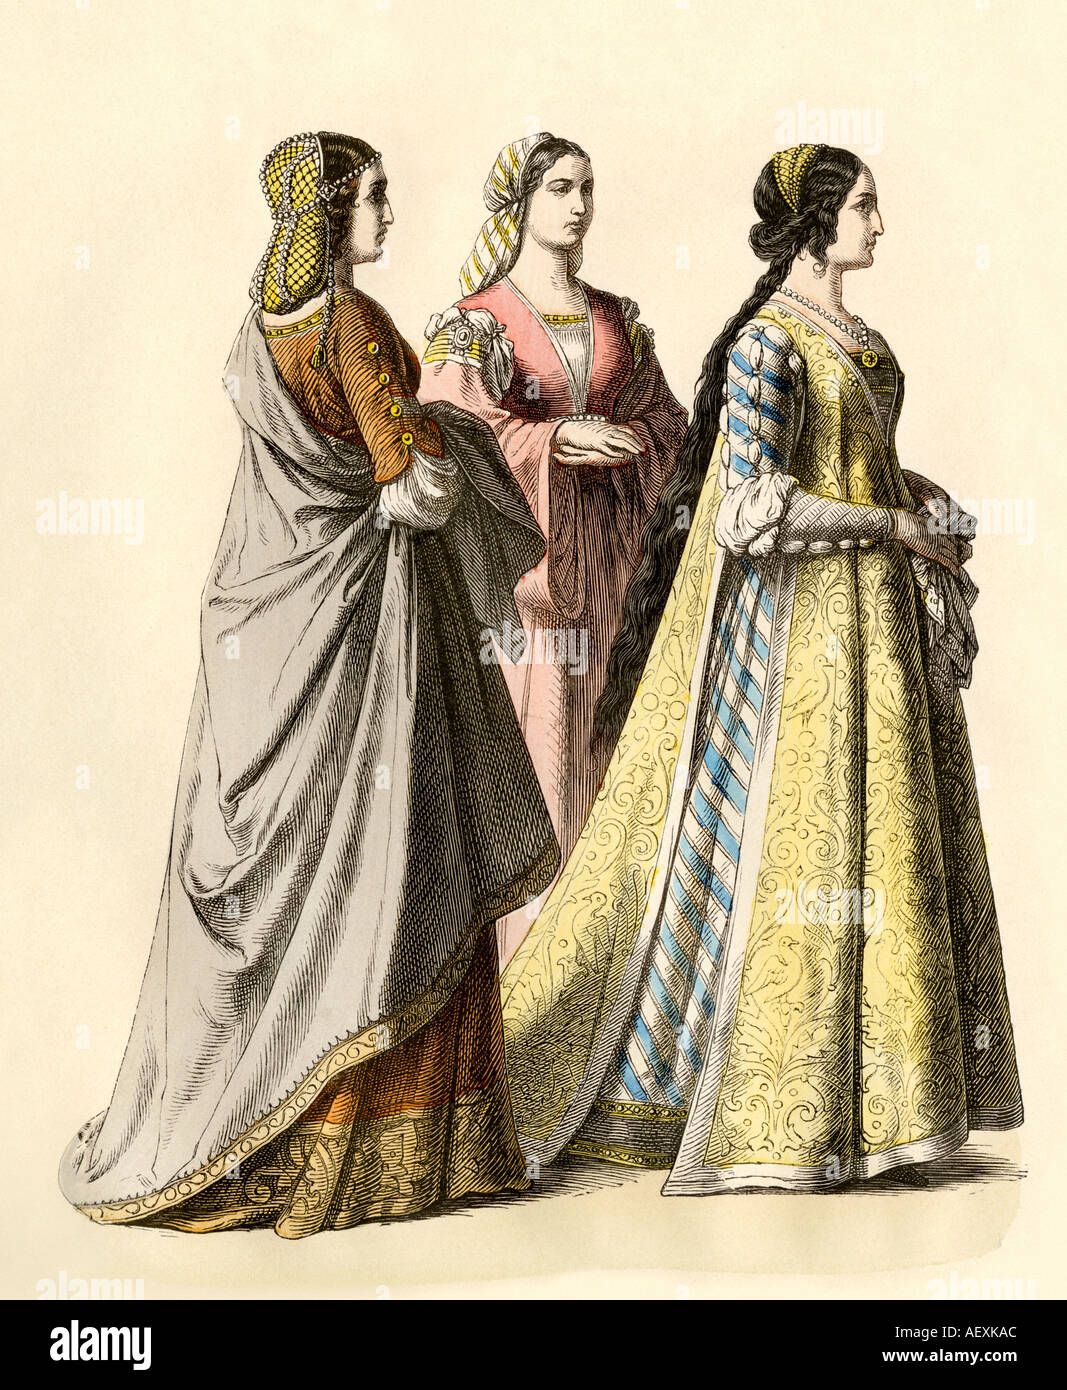 Edle Damen von Florenz in der Renaissance oder Anfang 1400. Hand-farbig drucken Stockbild